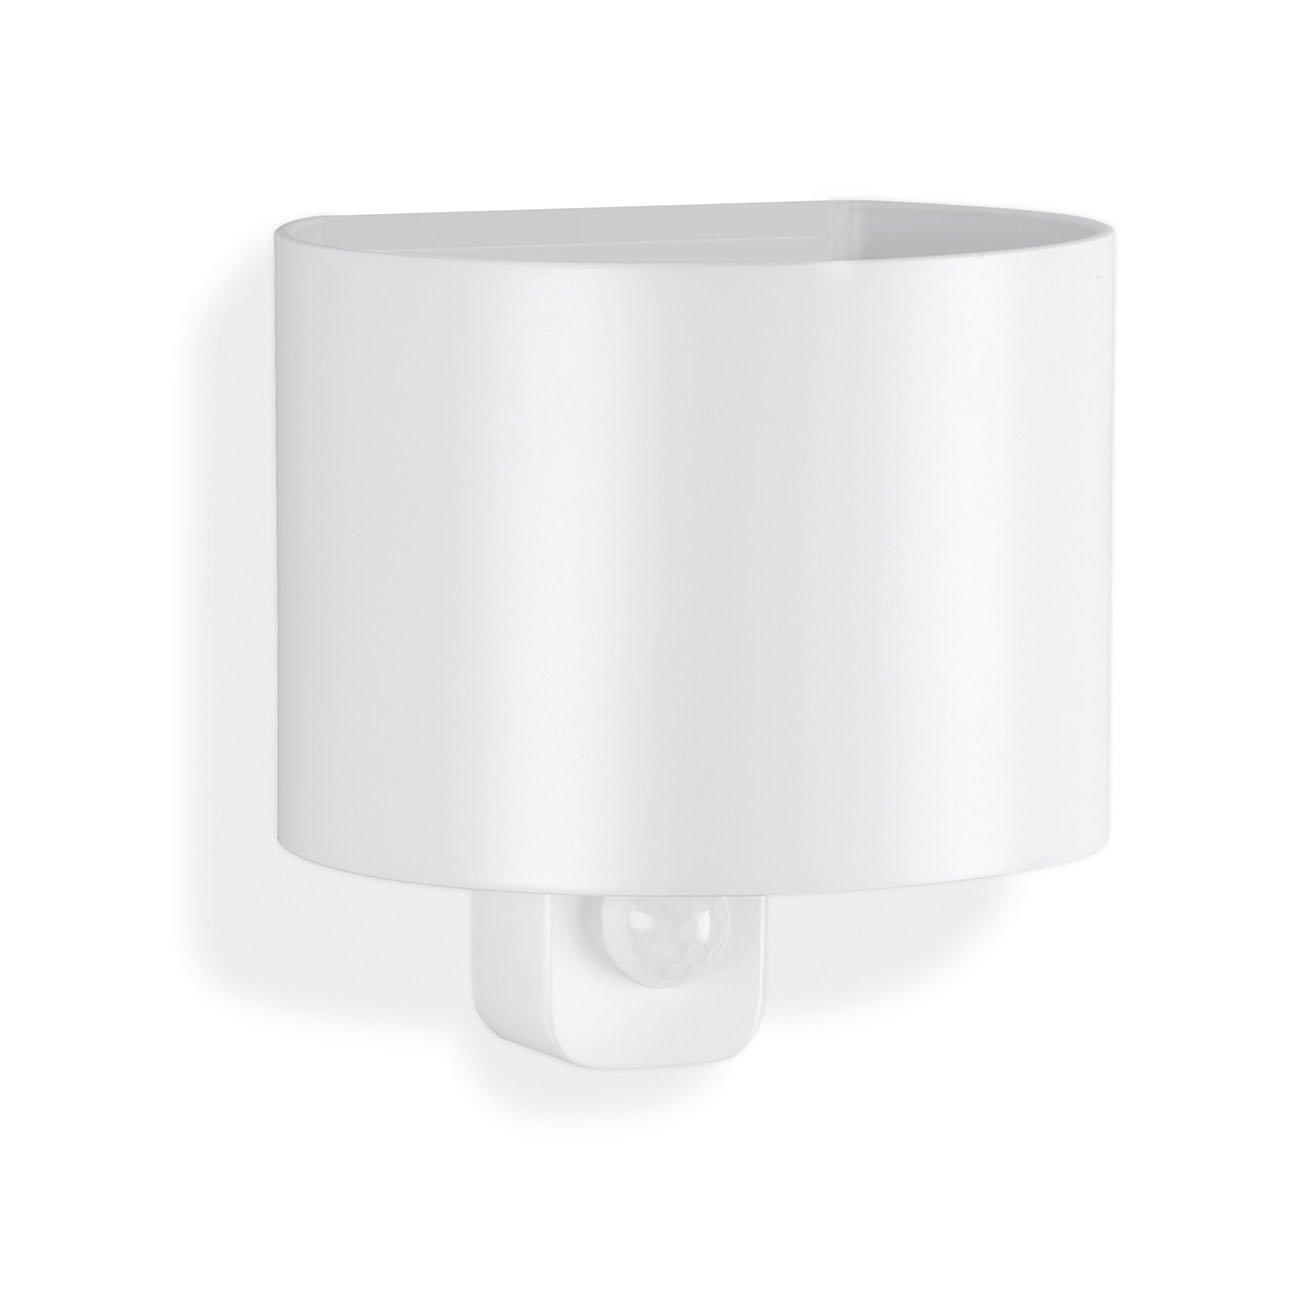 TELEFUNKEN Sensor LED Aussenleuchte, 14 cm, 7 W, Weiss